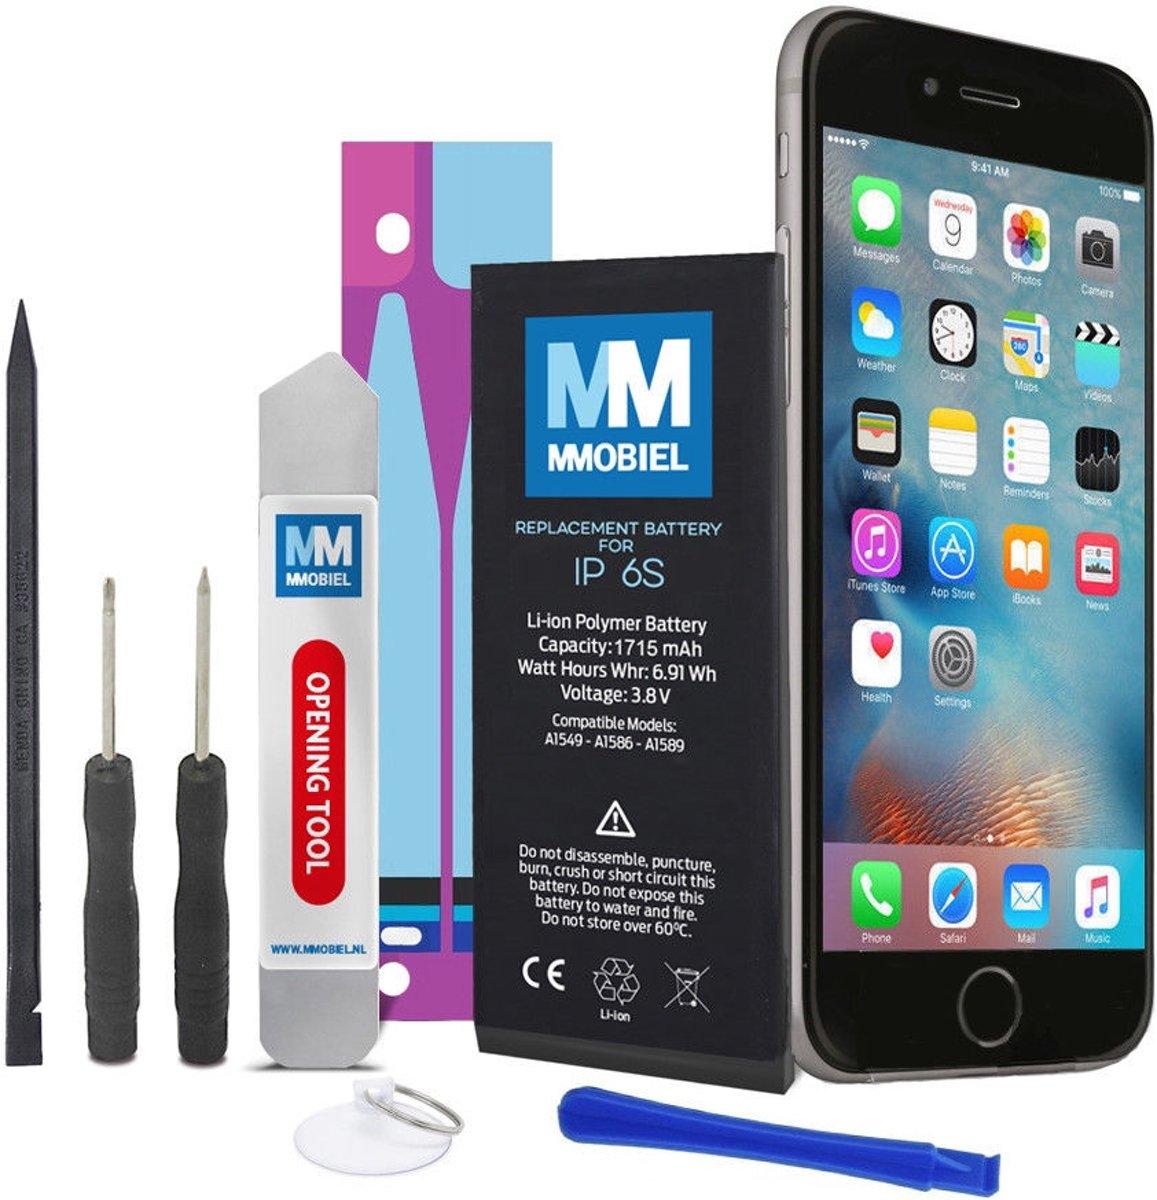 MMOBIEL Batterij / accu geschikt voor iPhone 6S 3.8v 1715 mAh 6.91 Wh + Anti-Statische Batterij Sticker inclusief benodigde reparatie gereedschap en een stap voor stap handleiding. kopen